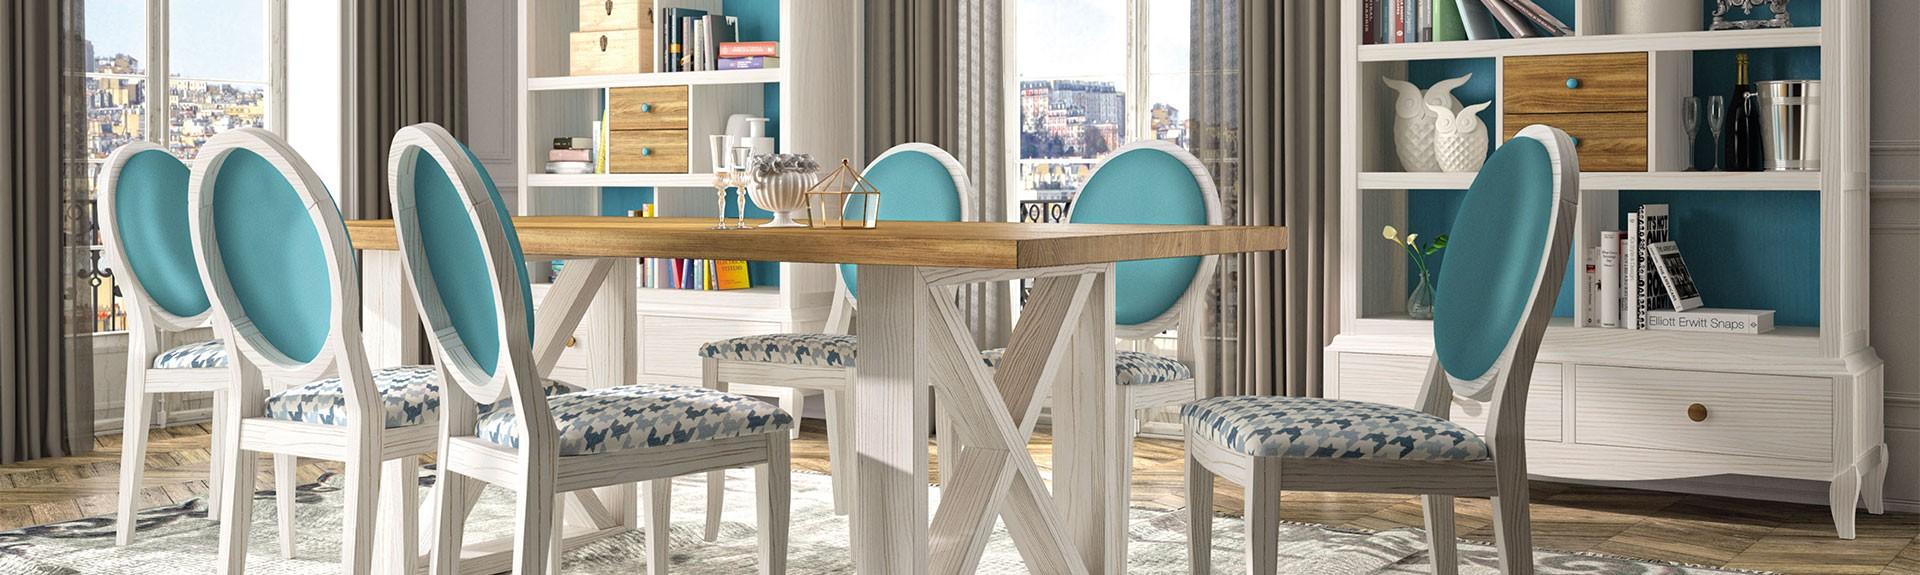 Rústico Colonial - Tienda de Muebles Online de Máxima Calidad